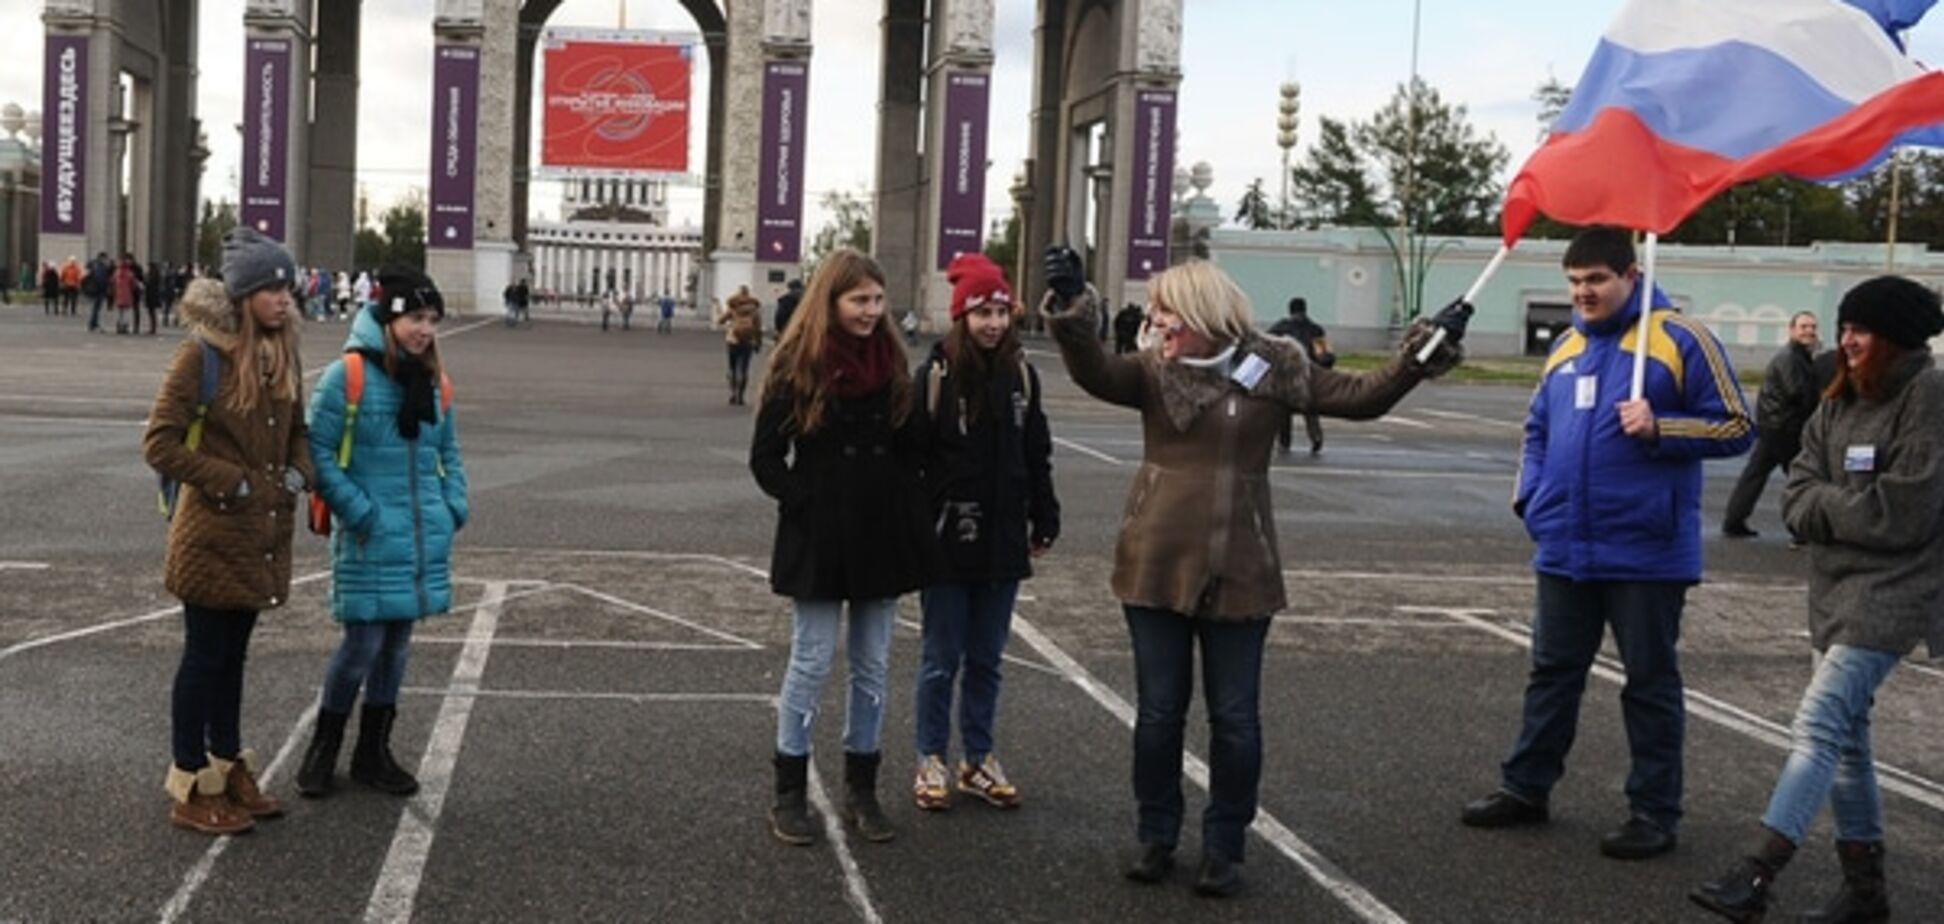 'На массовку денег не осталось': в Москве с треском провалилась патриотическая акция